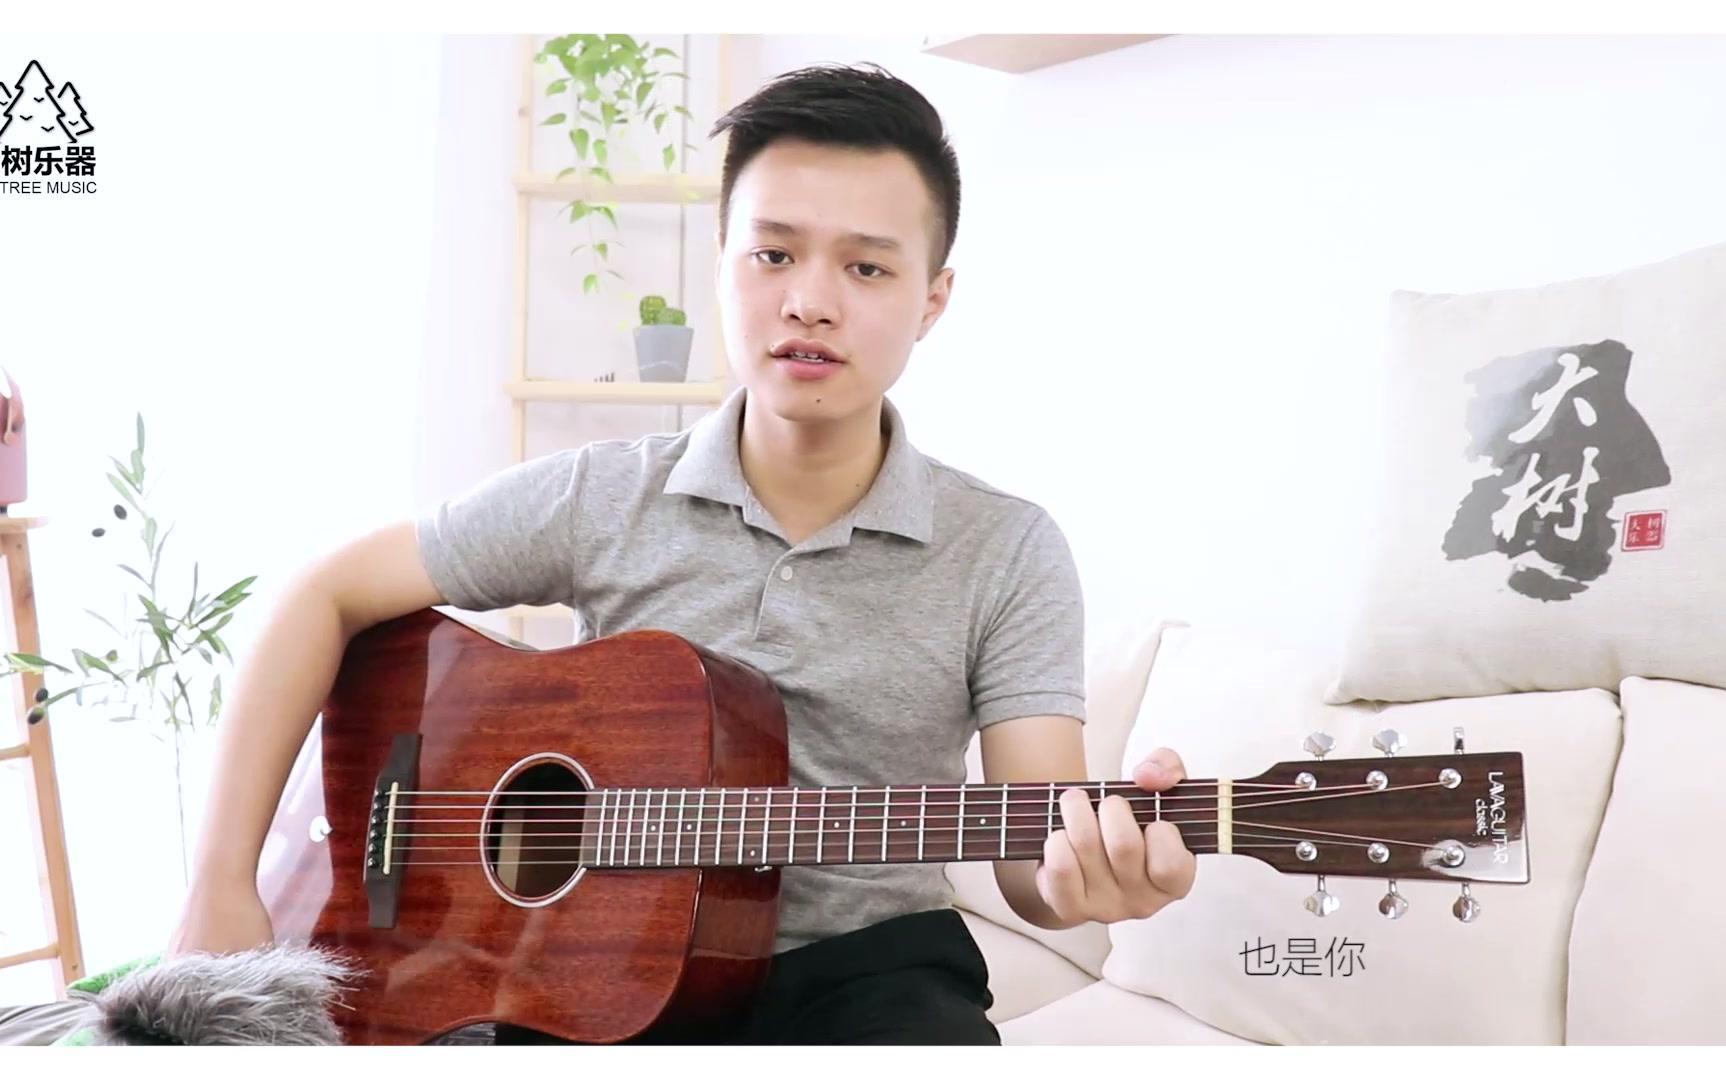 《往后余生》超还原泛音版-吉他弹唱翻唱-大树乐器-拿火吉他